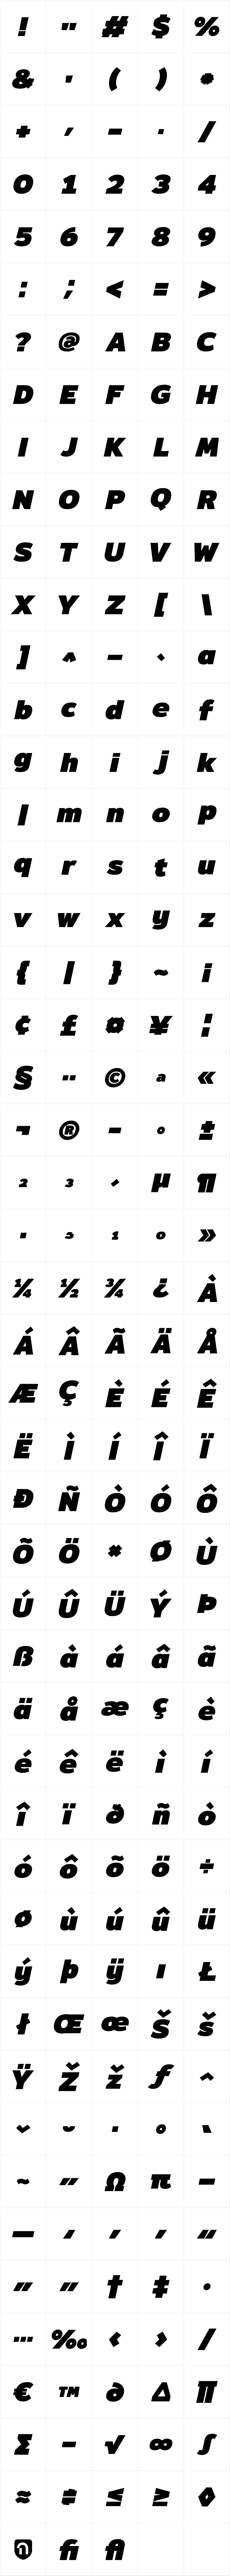 Rigo Black Italic